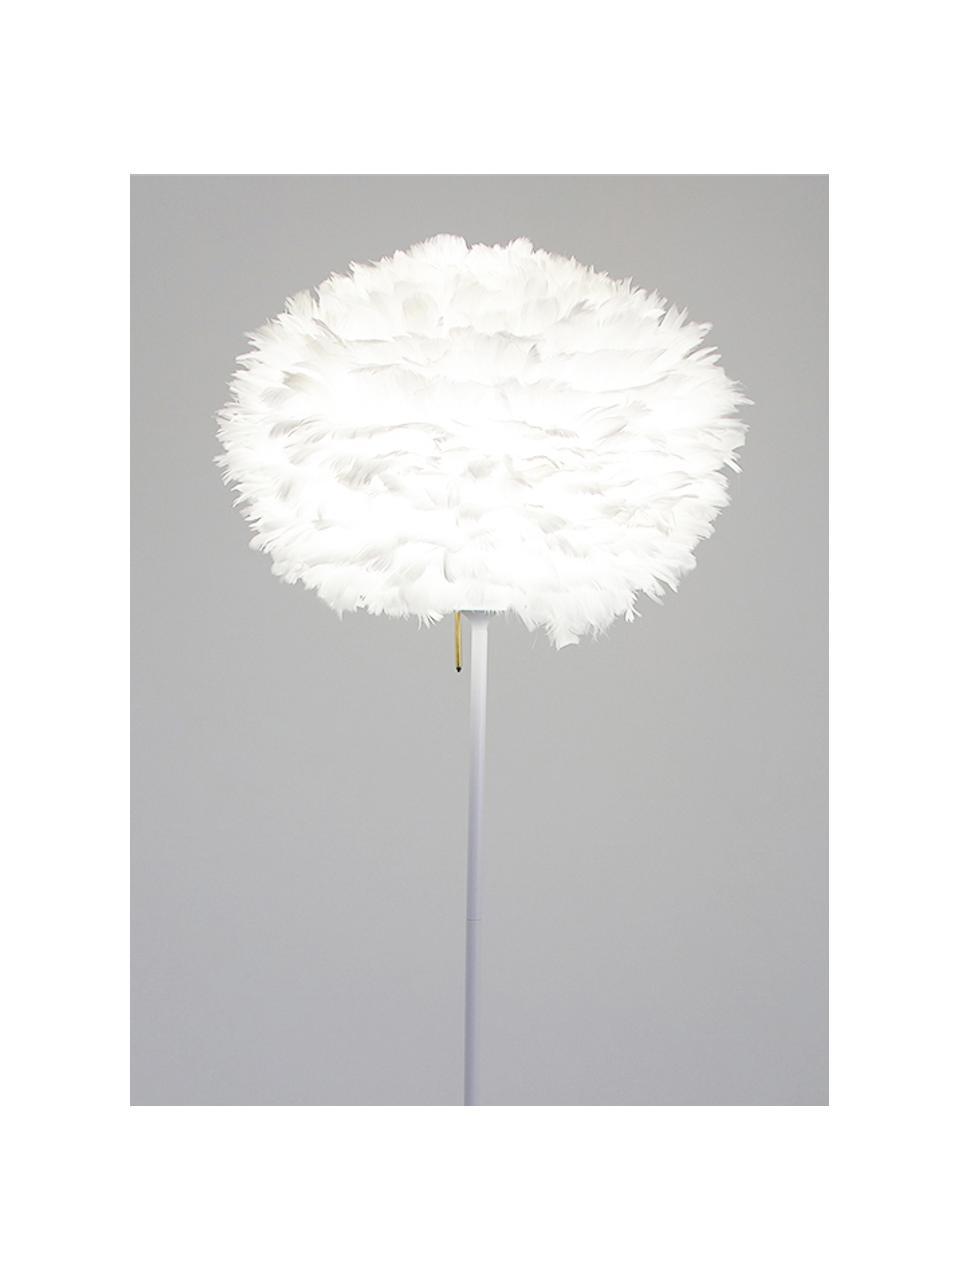 Große Stehlampe Eos aus Federn, Lampenschirm: Gänsefedern, Gestell: Aluminium, lackiert, Lampenfuß: Stahl, lackiert, Weiß, Ø 45 x H 170 cm